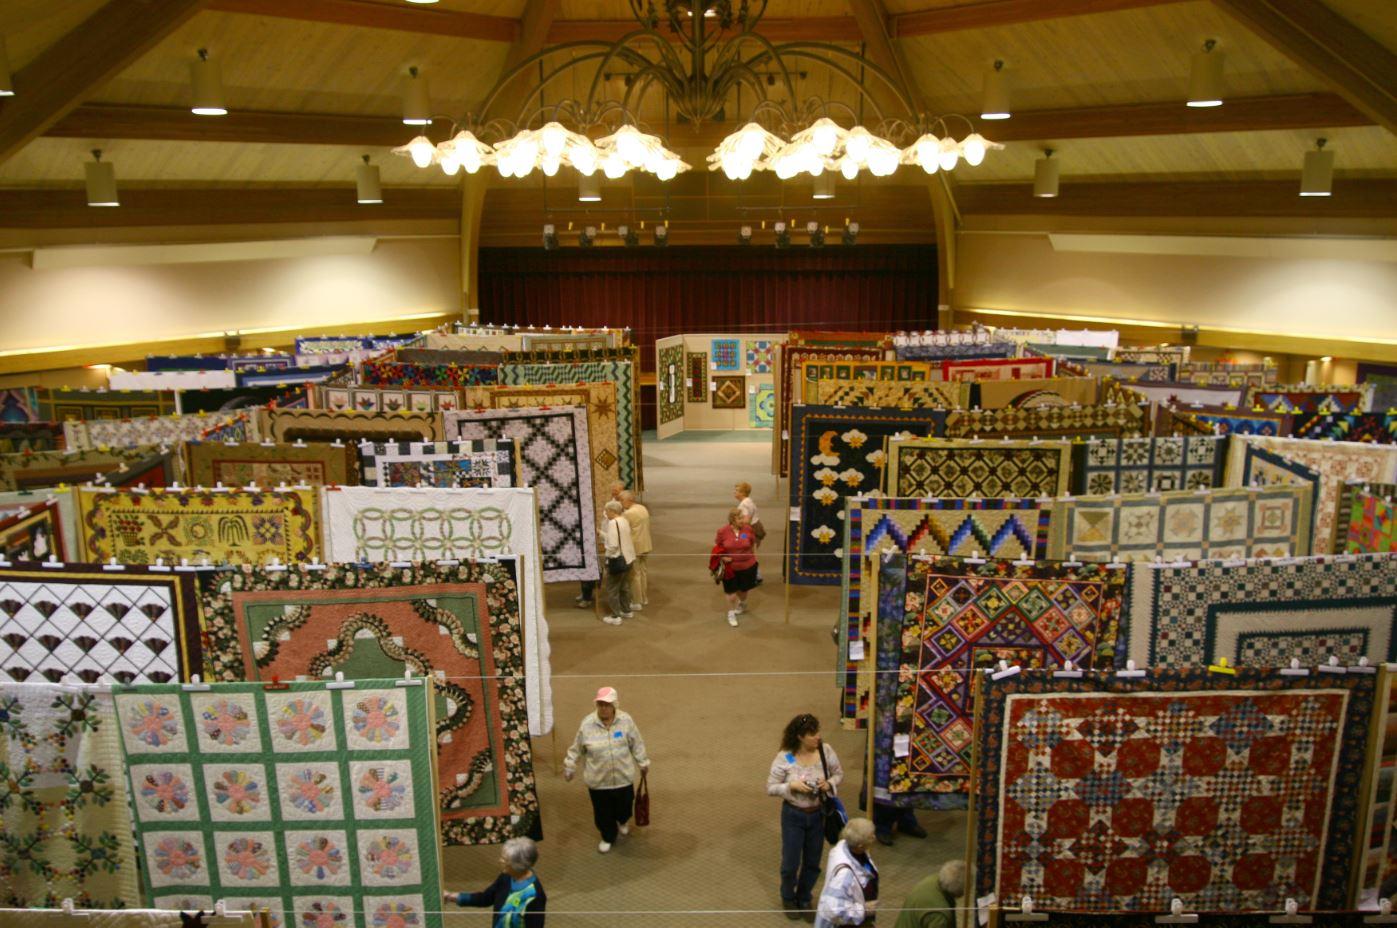 41st Annual Quilt Show at Sauder Village